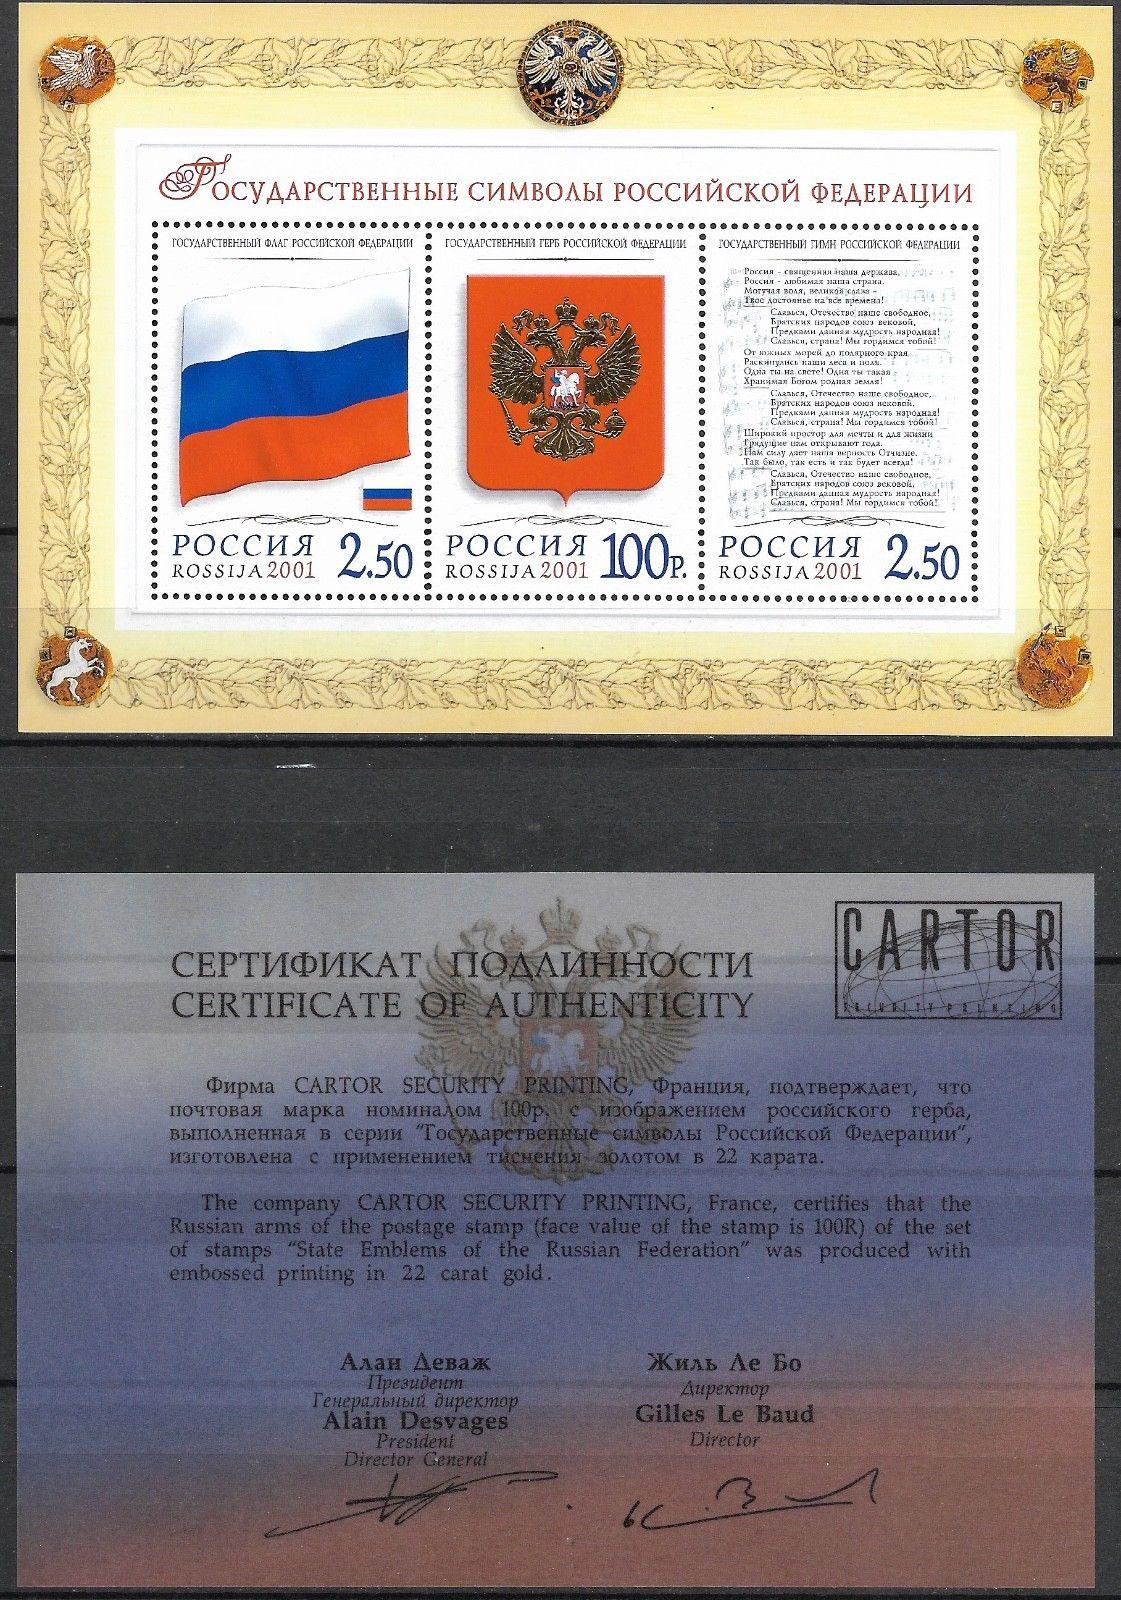 俄罗斯2001年国家象征—国旗/国歌/国徽金箔邮票小全张(带证书)(大图